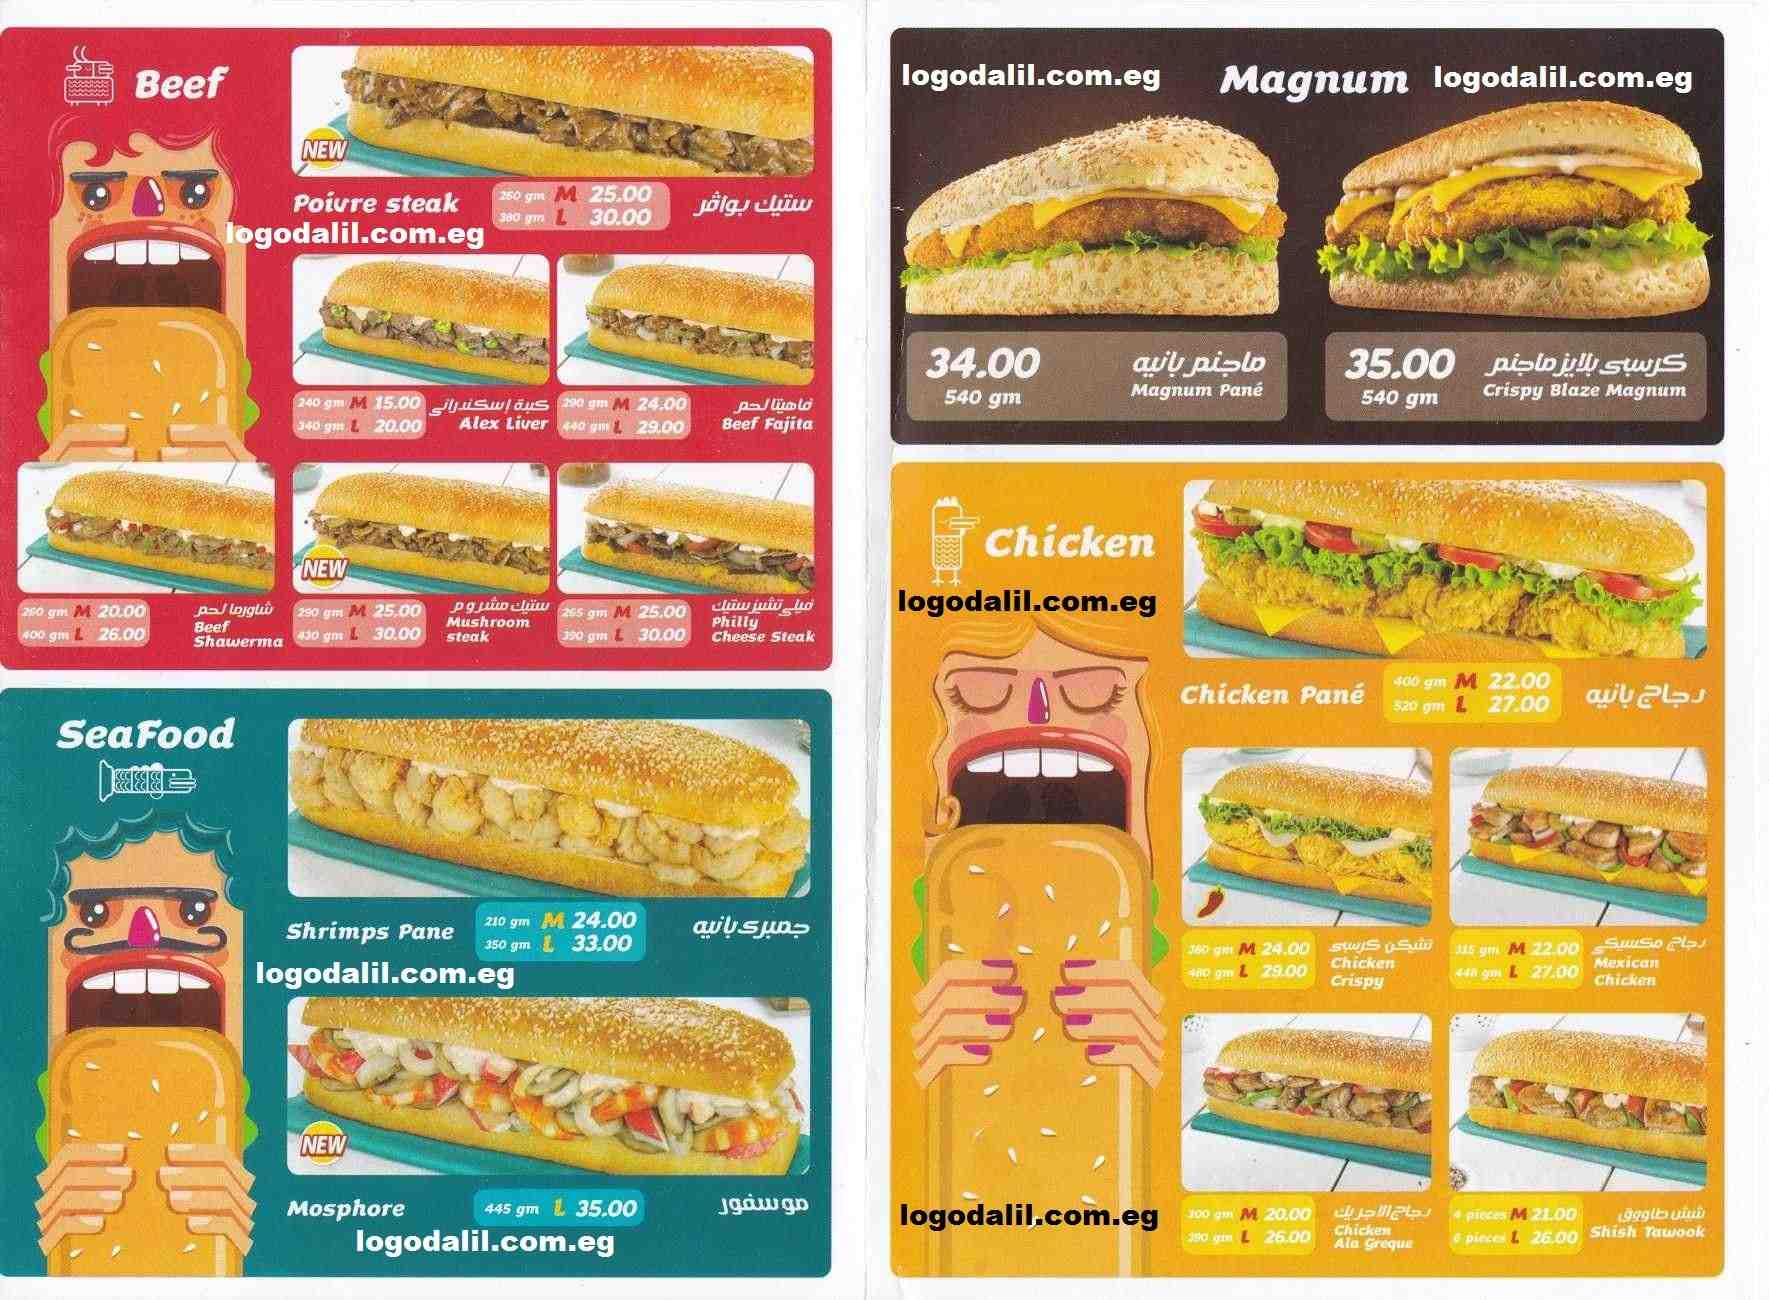 Las Veags Restaurant Specials Weekly